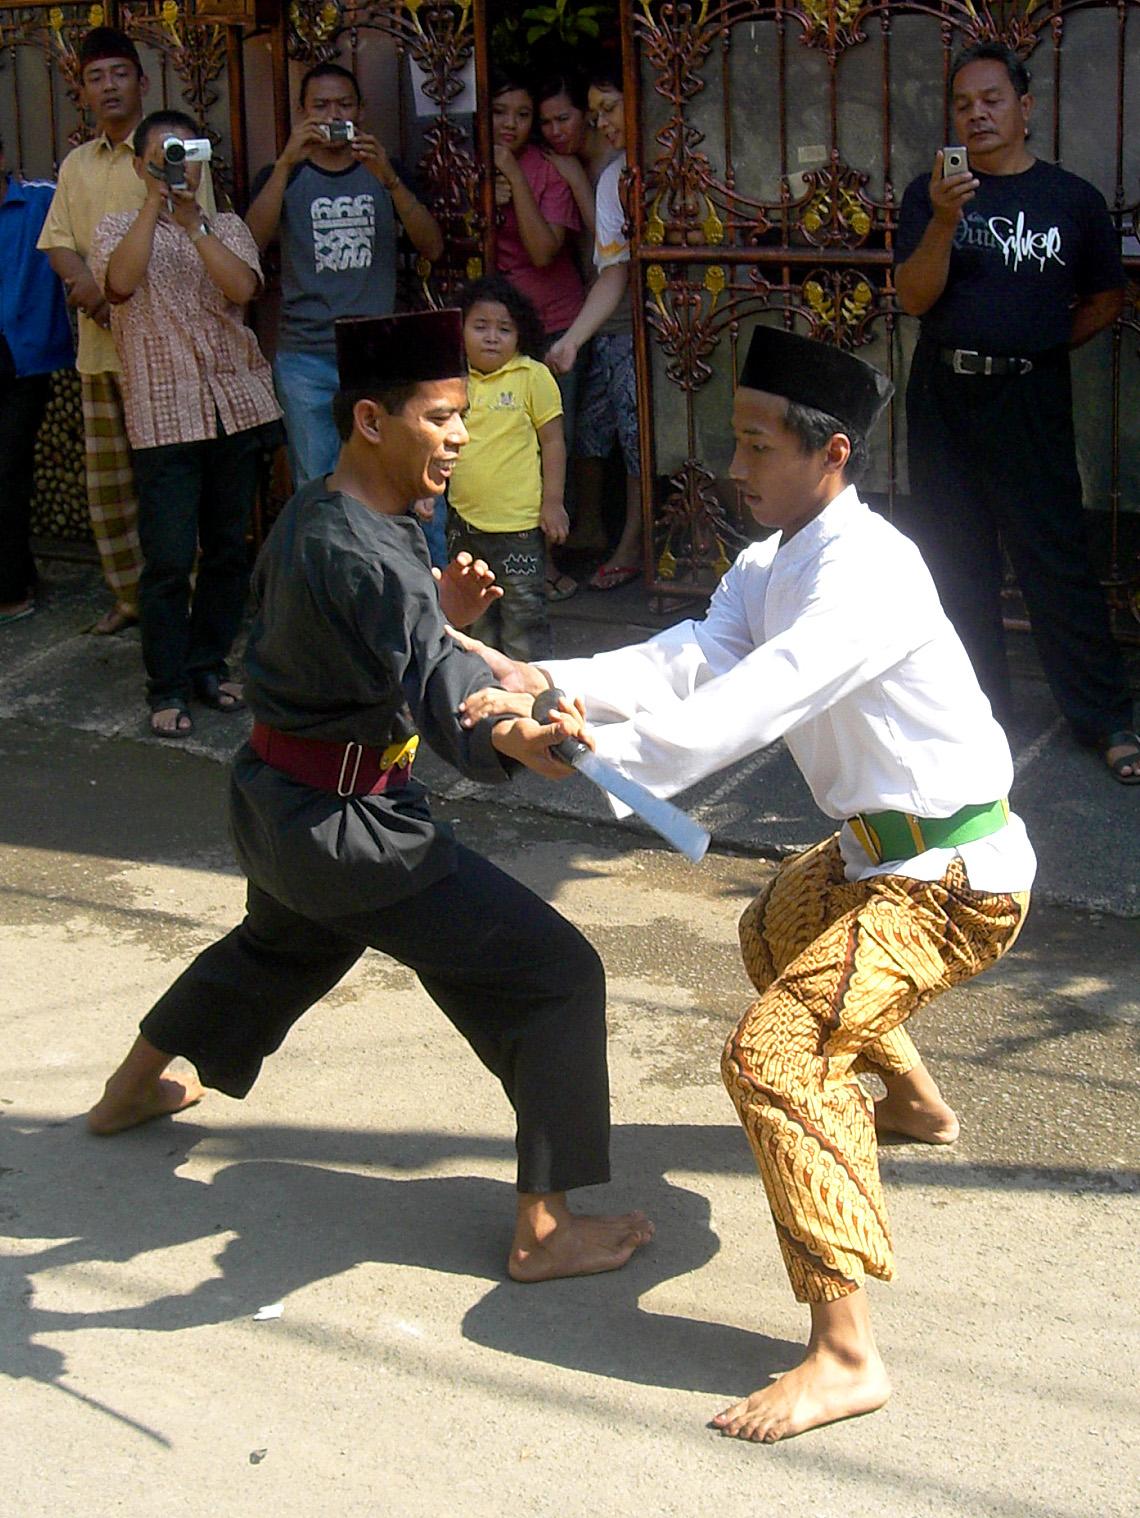 Daftar Perguruan Silat Wikipedia Bahasa Indonesia Ensiklopedia Bebas